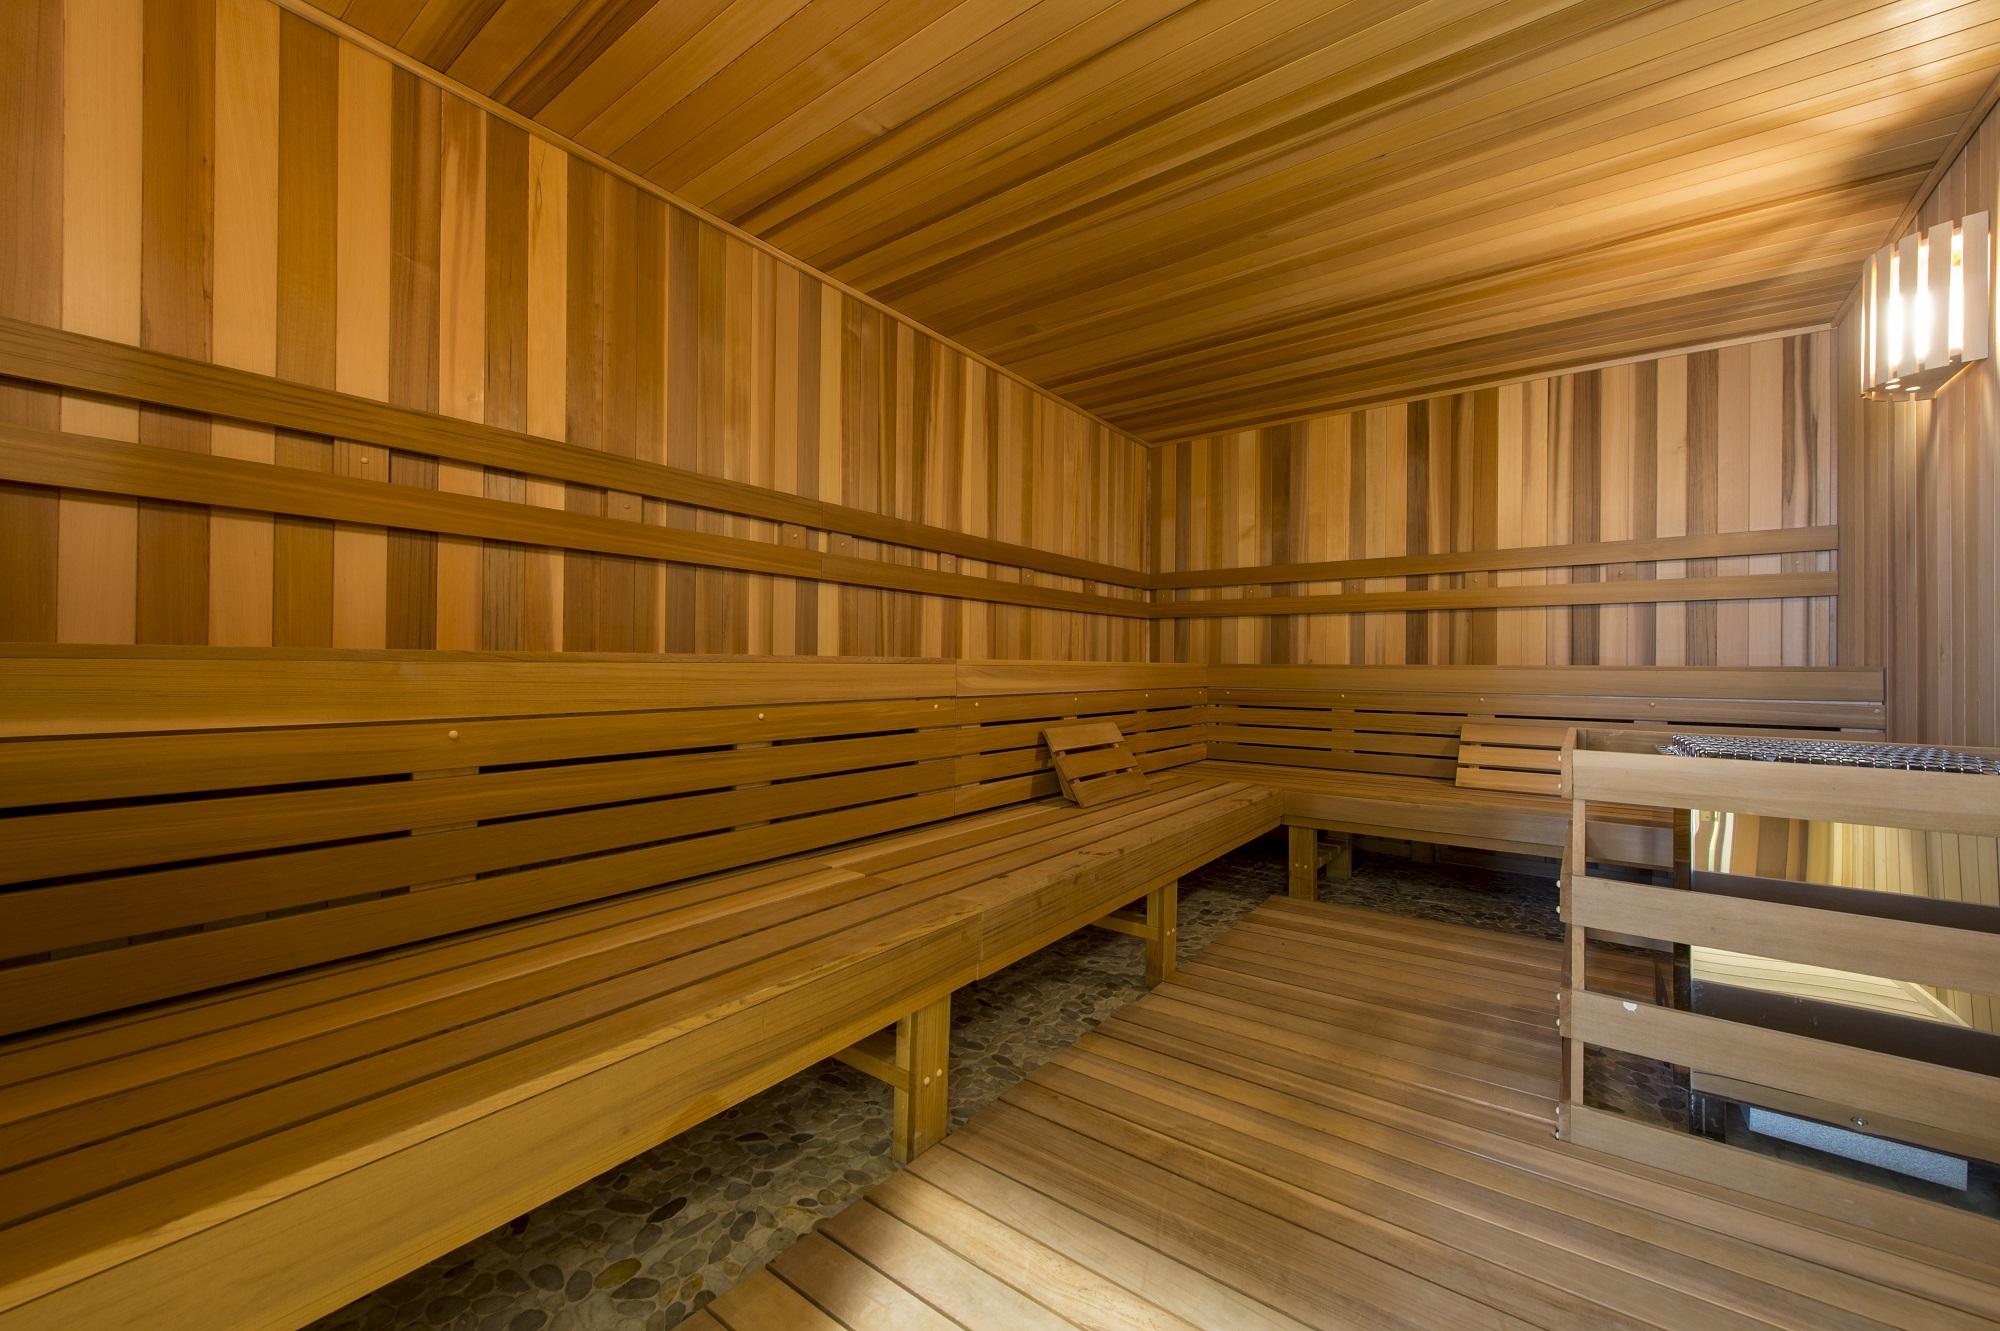 La sauna / Market Square Tower